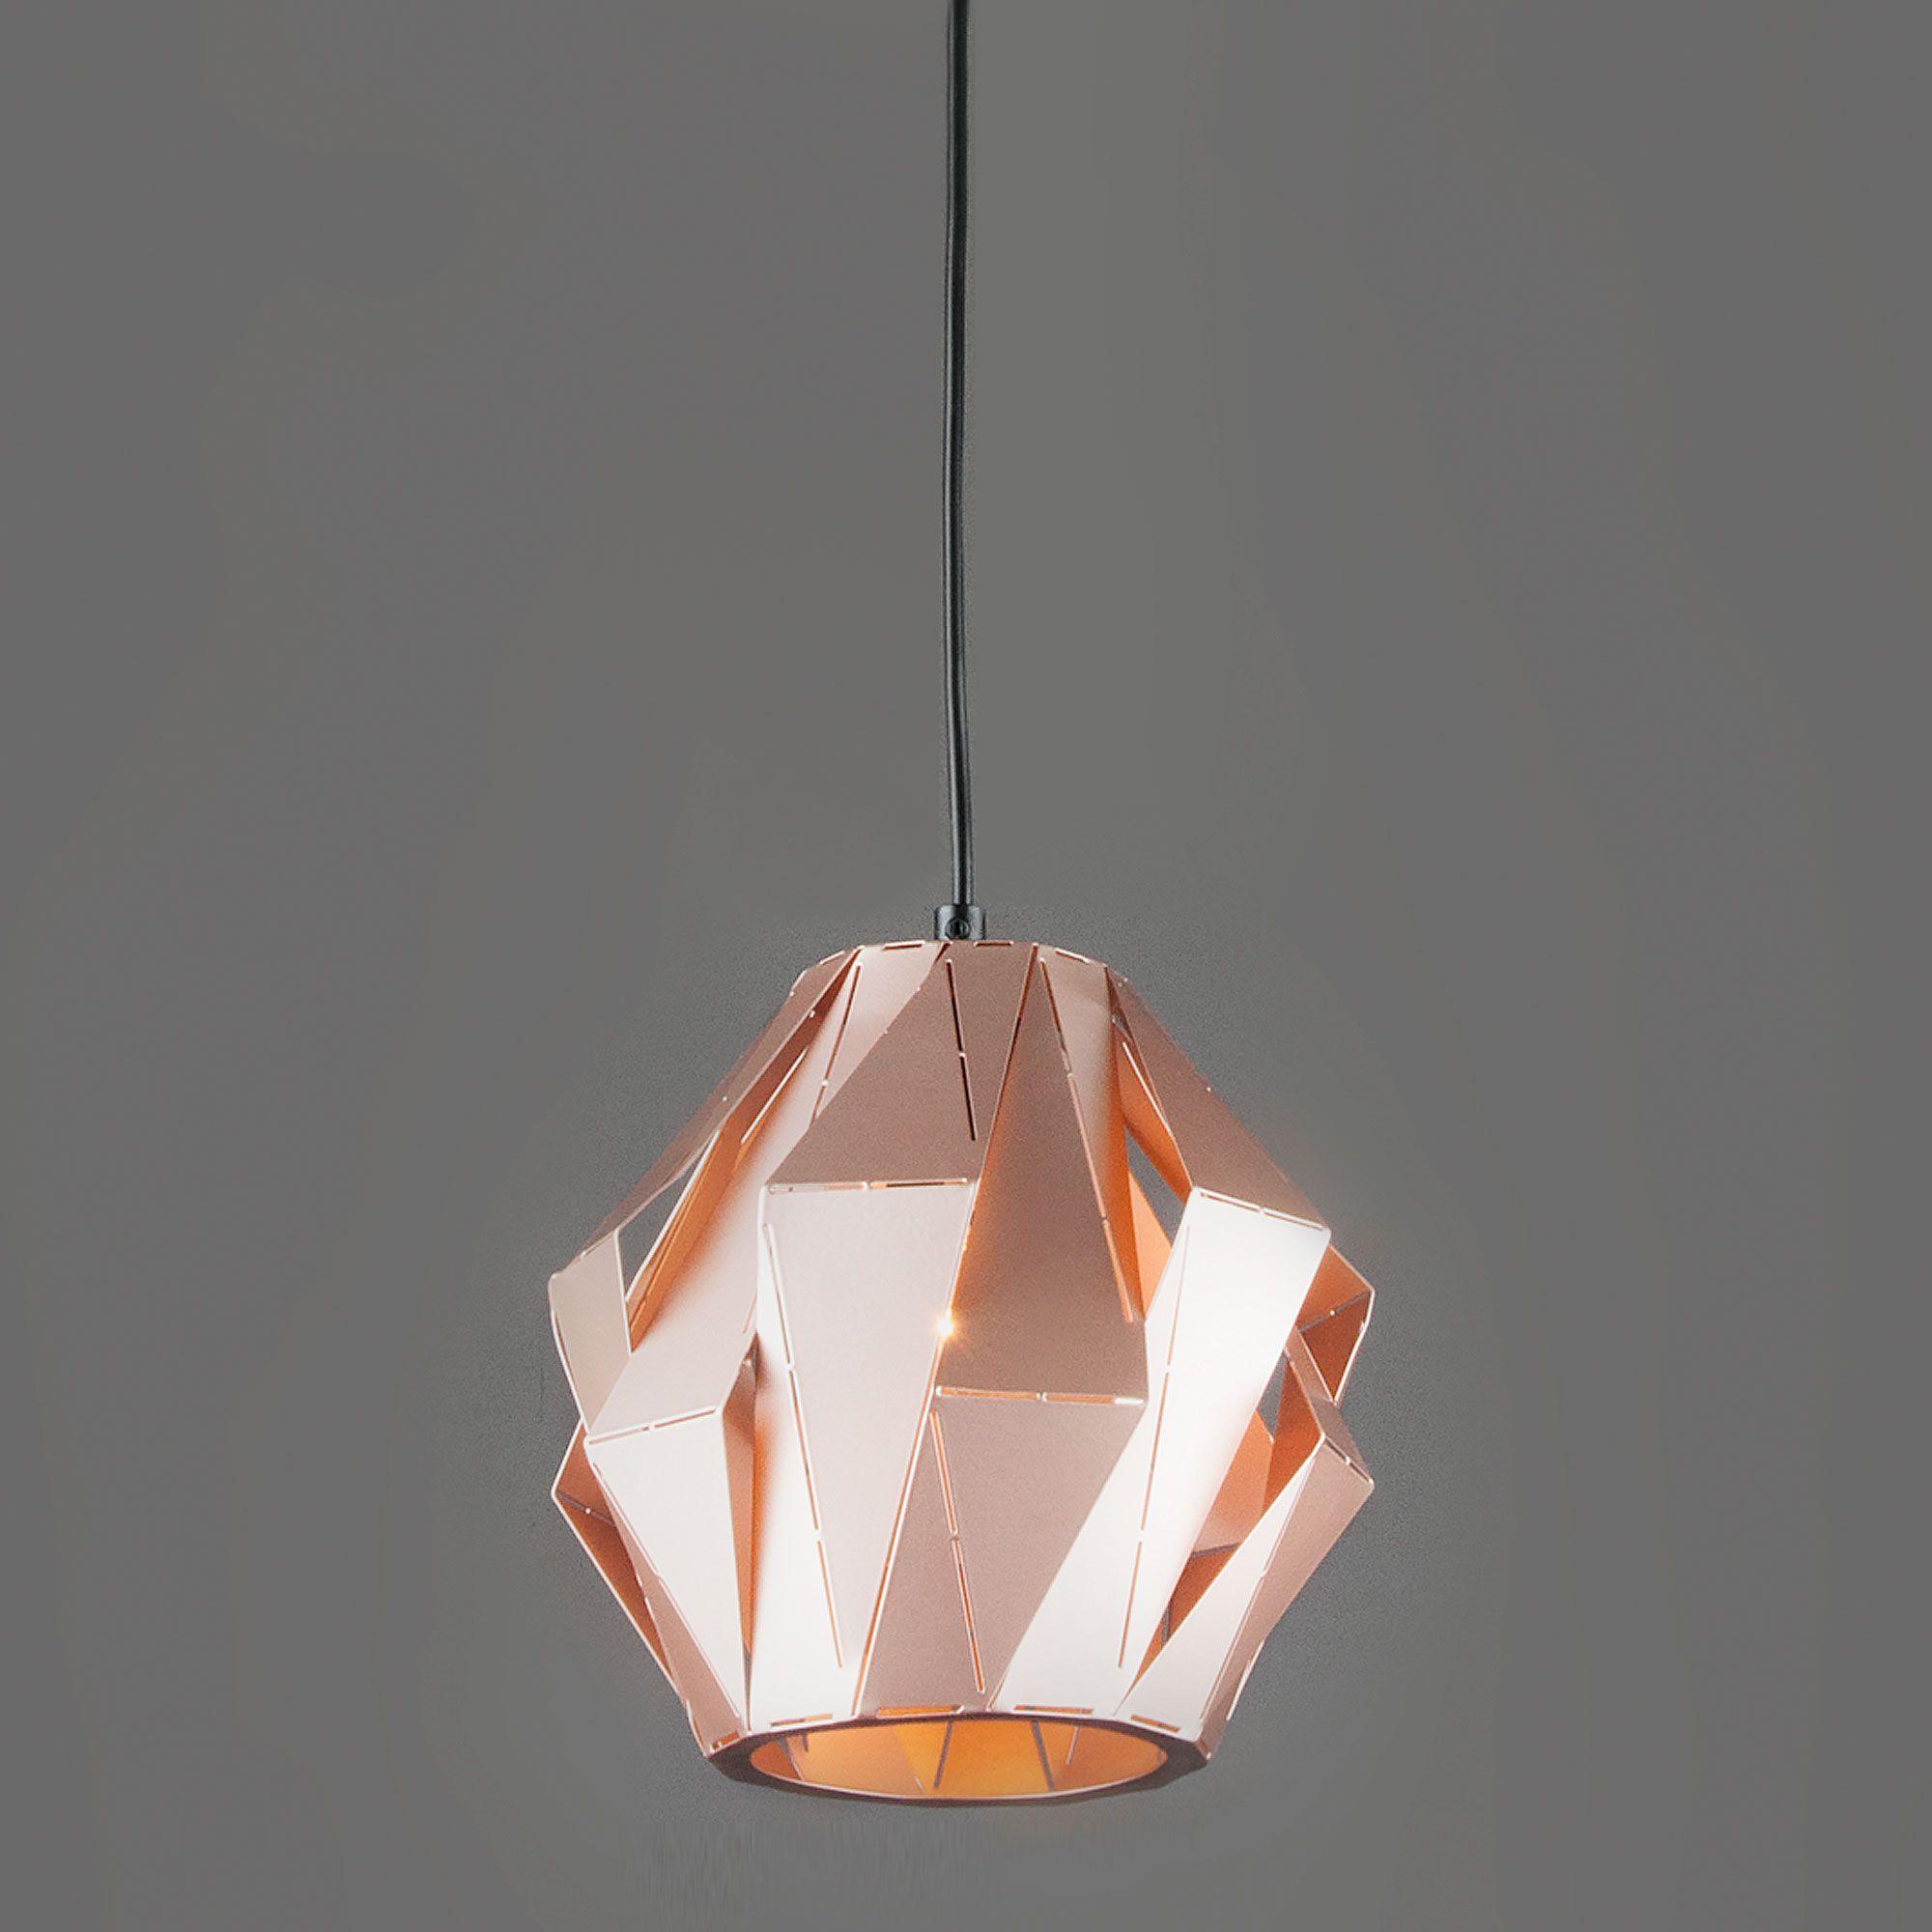 Подвесной светильник лофт с плафоном 50137/1 золотой